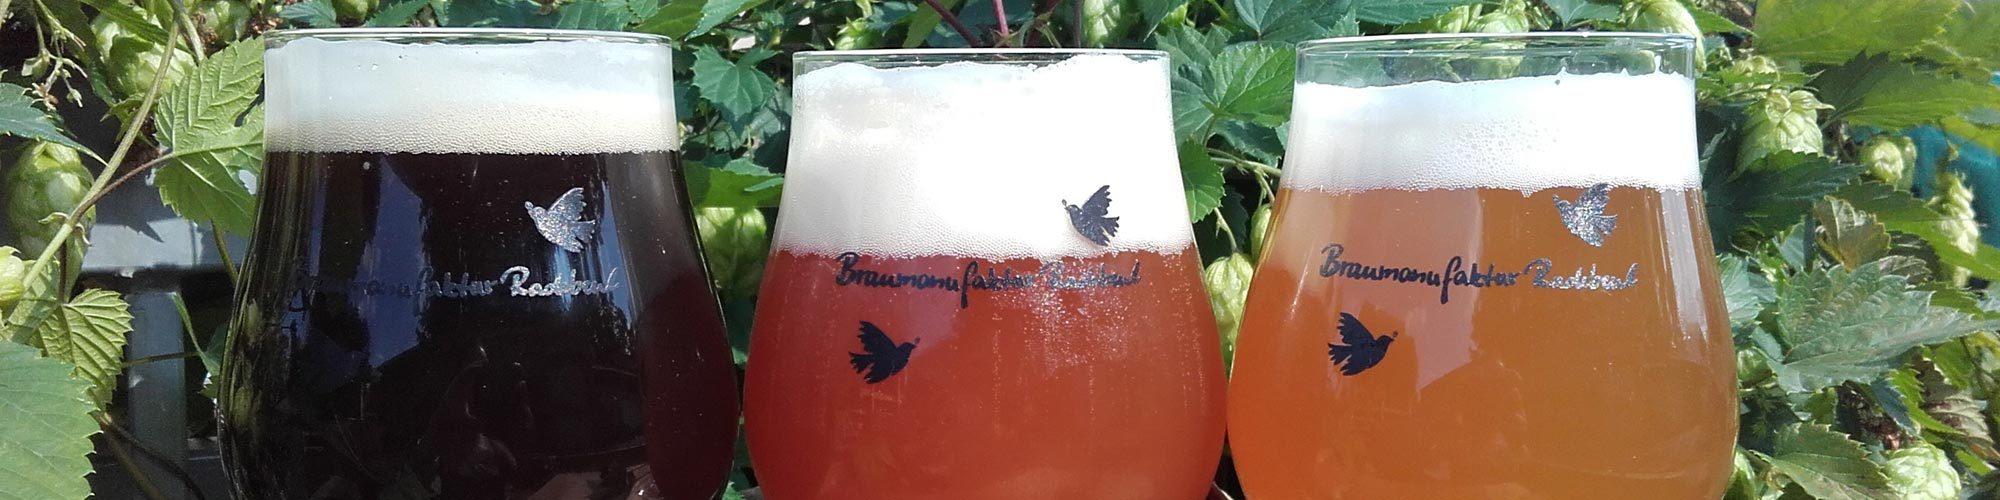 Drei verschiedene Biere in Gläsern vor einer Hopfenpflanze